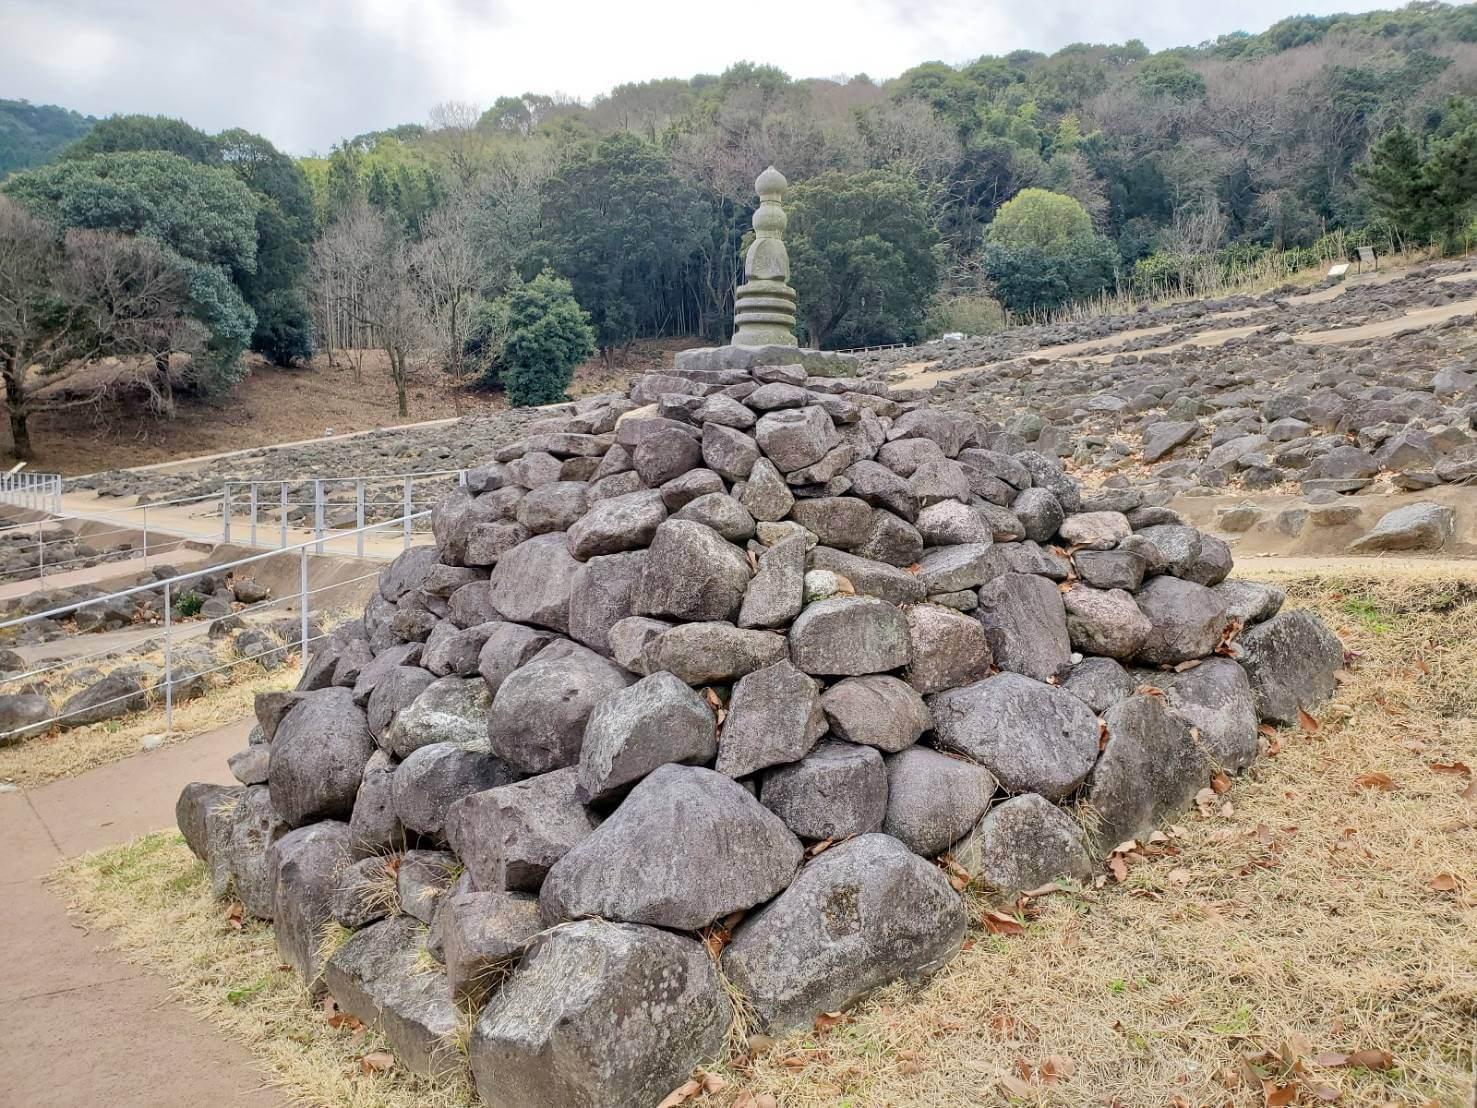 【西平山公園】不思議な石のある公園☆石が好きなお年頃集まれっ!《熊本市西区池上町》